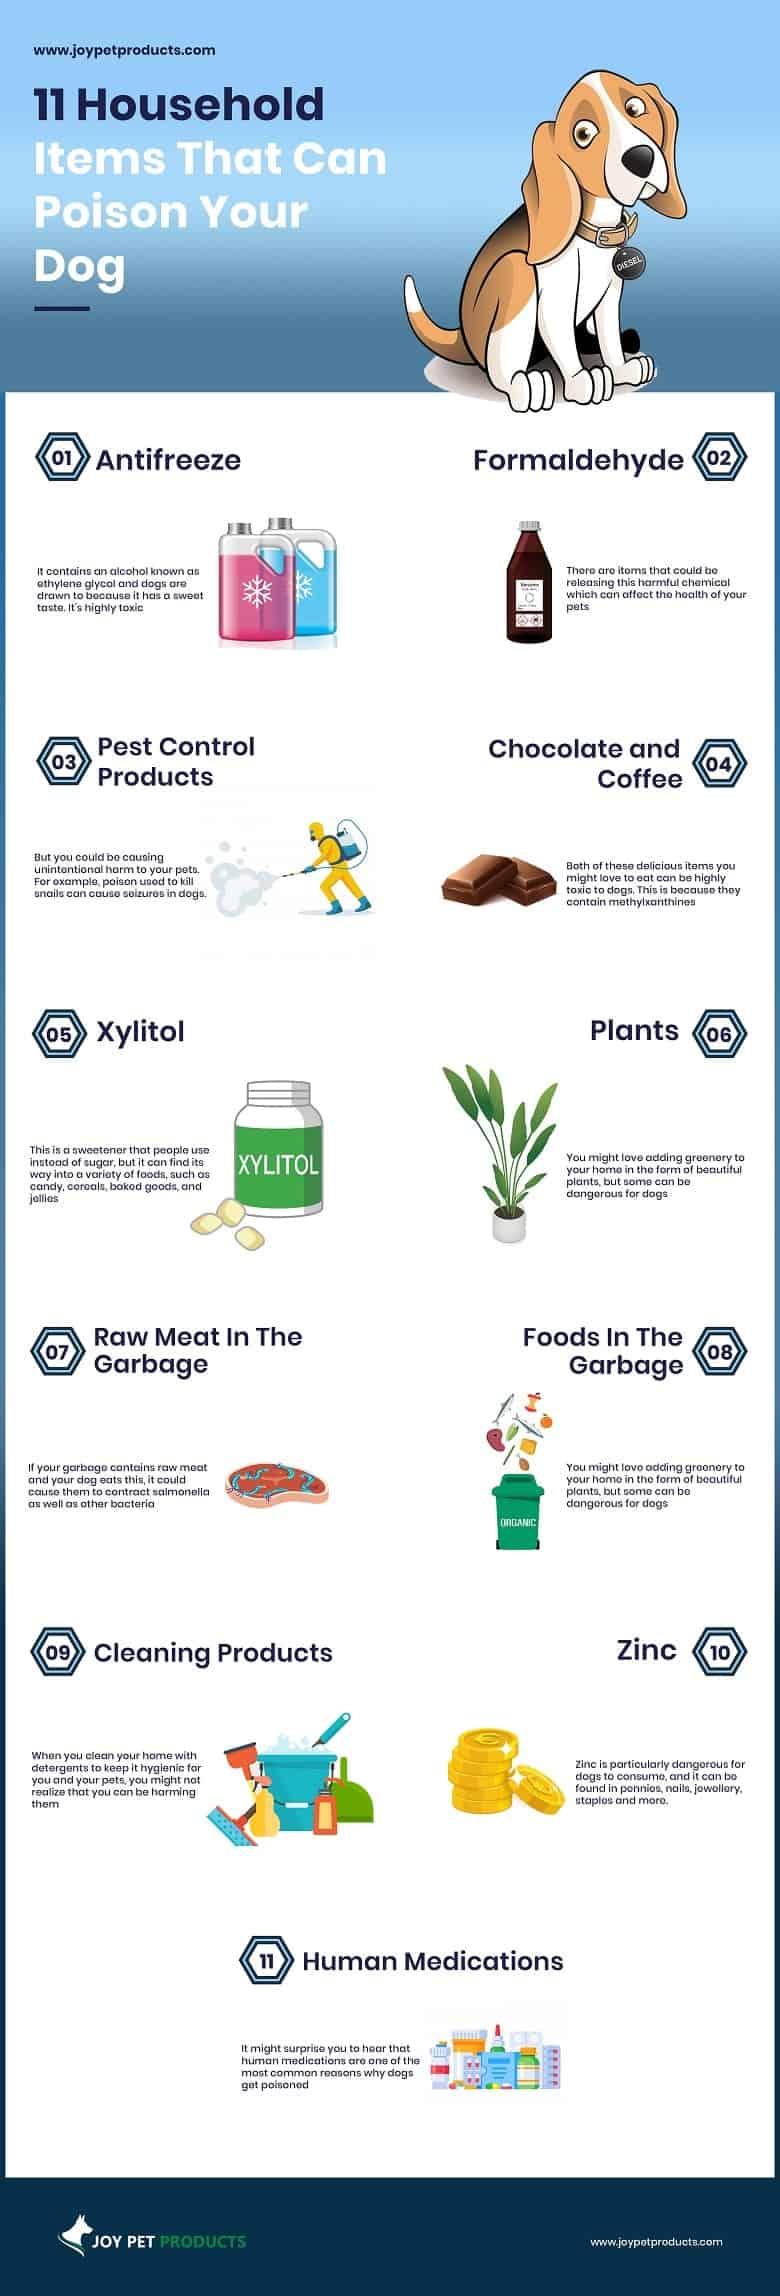 Poisonous Items